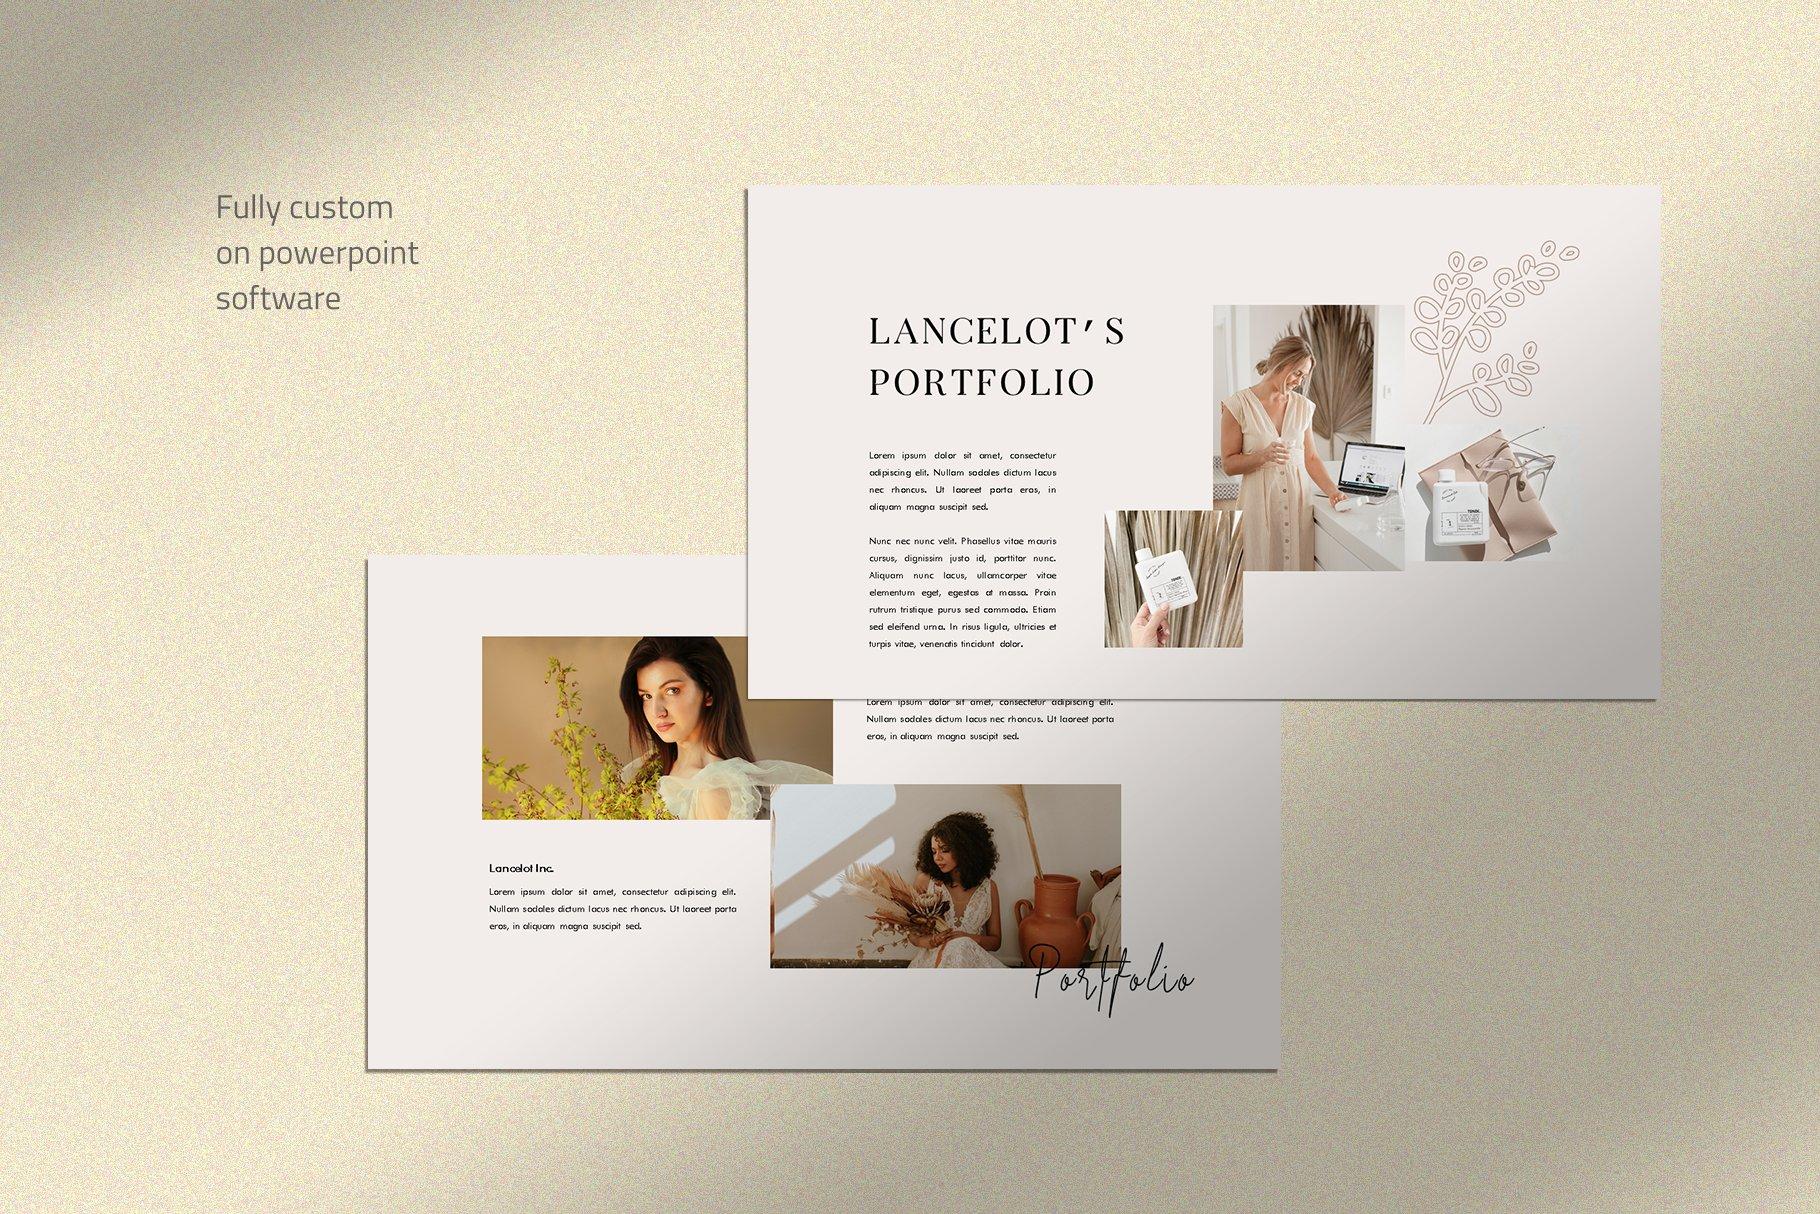 时尚简约女性服装摄影作品集PPT幻灯片模板 Lancelot Presentation Template插图(1)